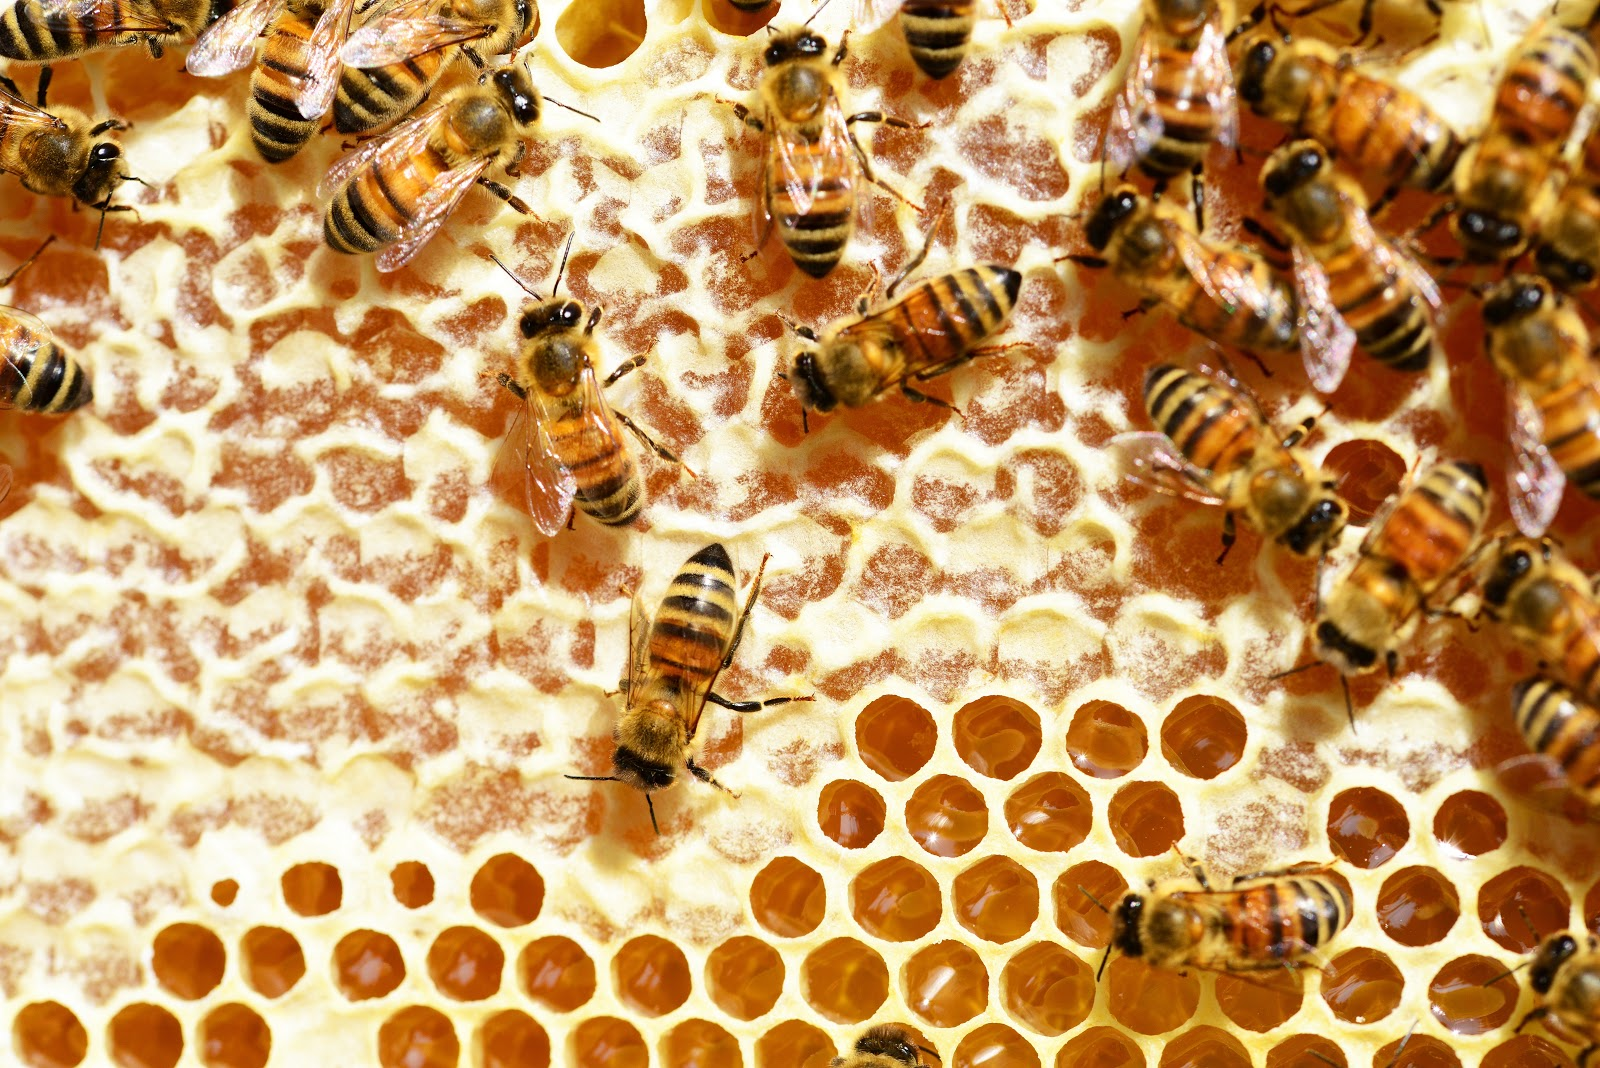 蜂の巣に留まる蜜蜂